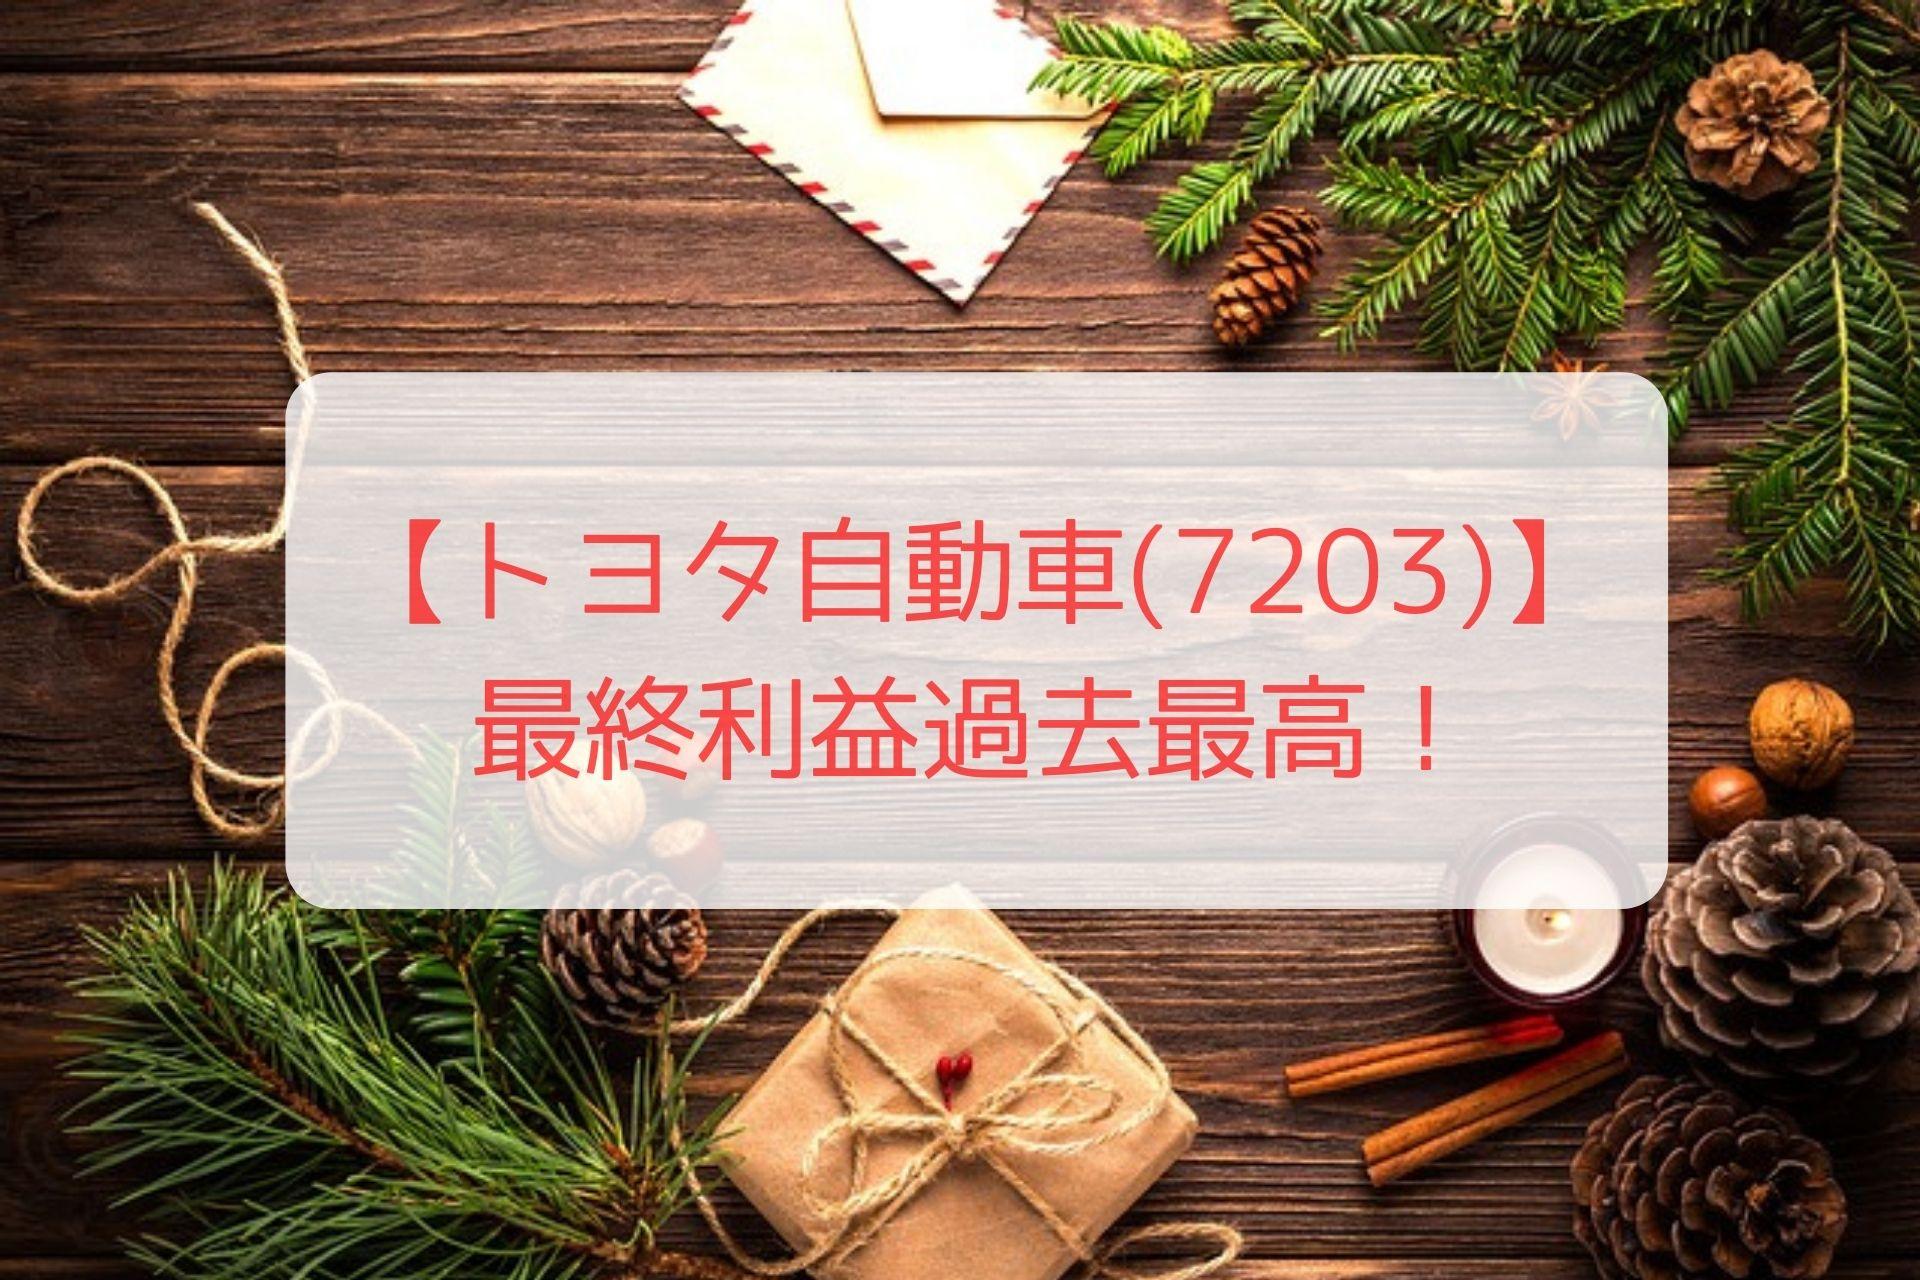 【トヨタ自動車(7203)】最終利益過去最高!